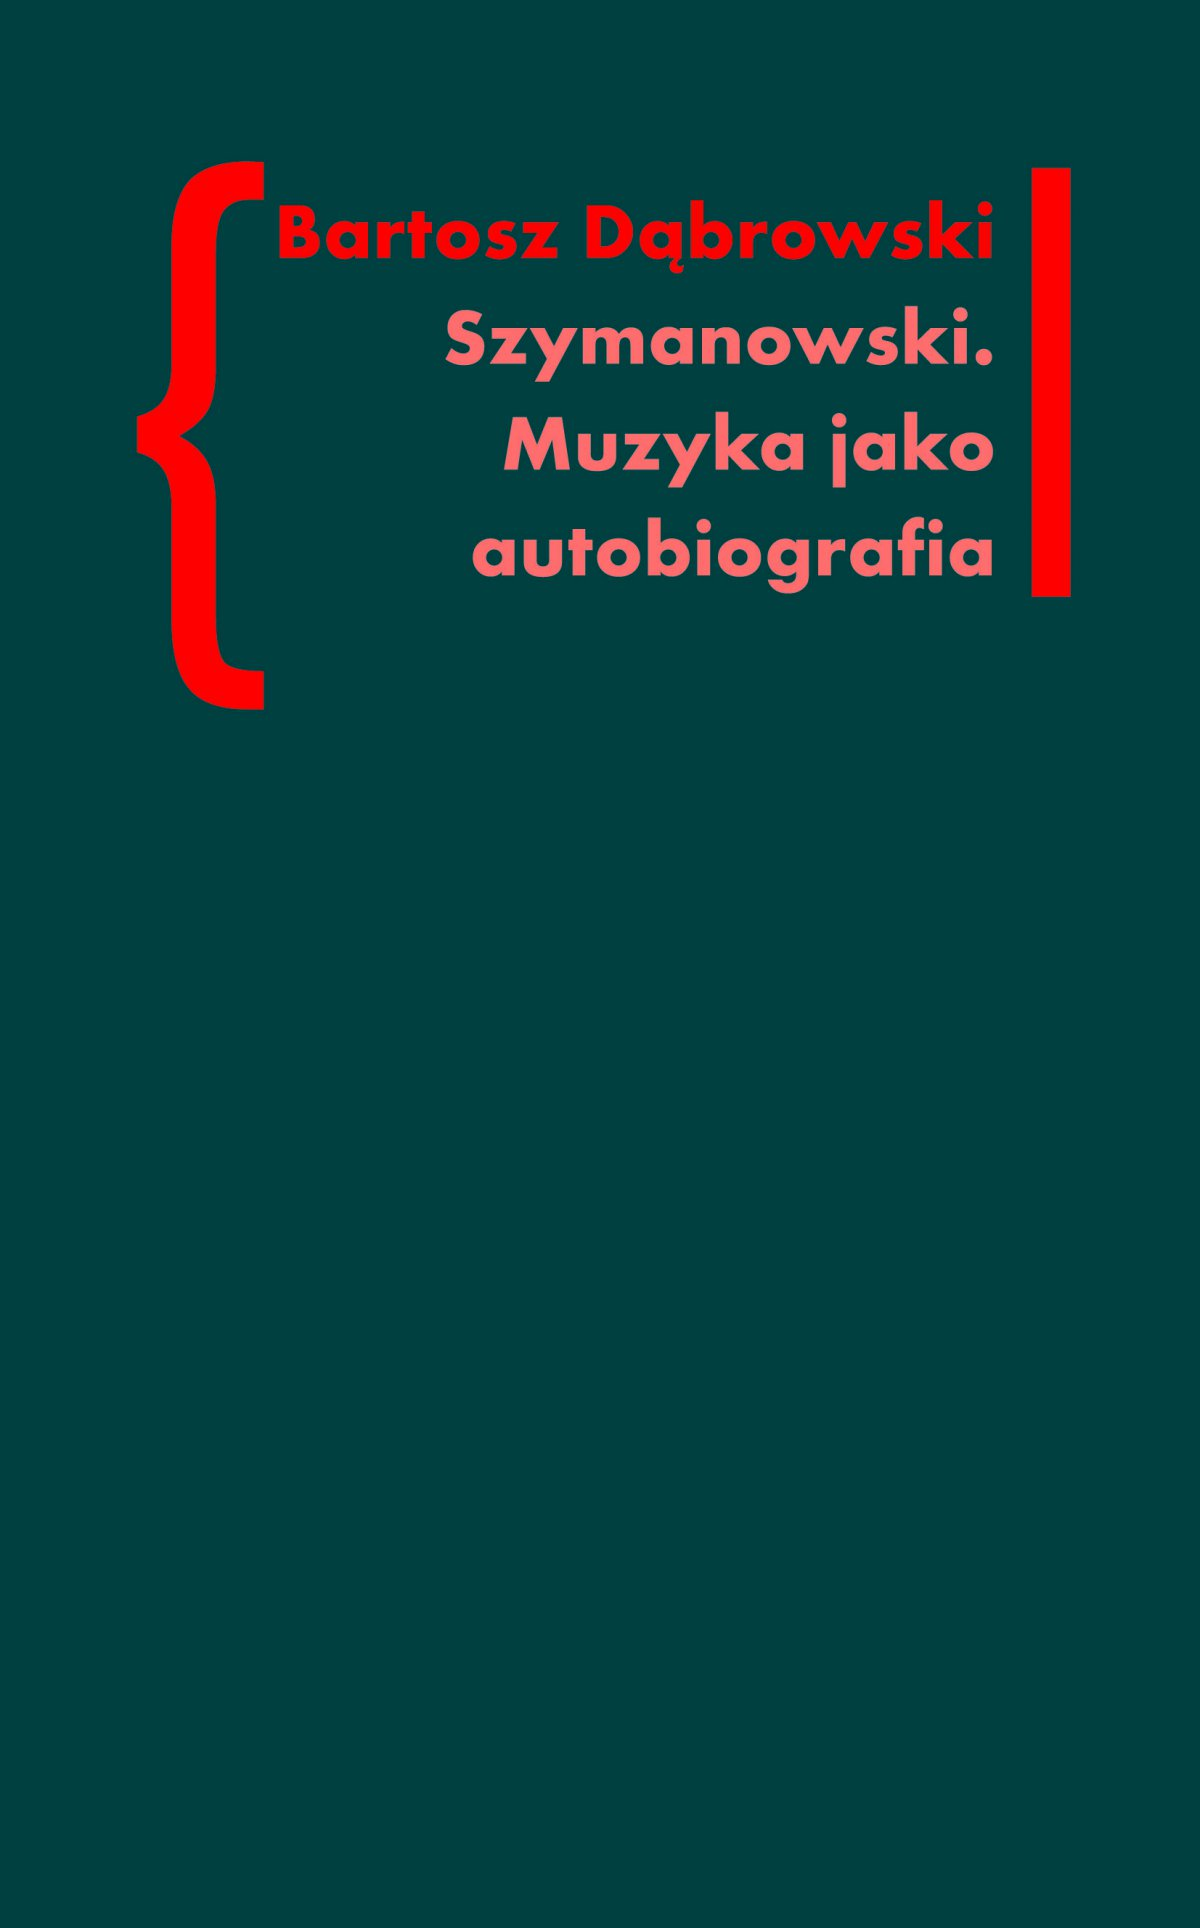 Szymanowski. Muzyka jako autobiografia - Ebook (Książka EPUB) do pobrania w formacie EPUB